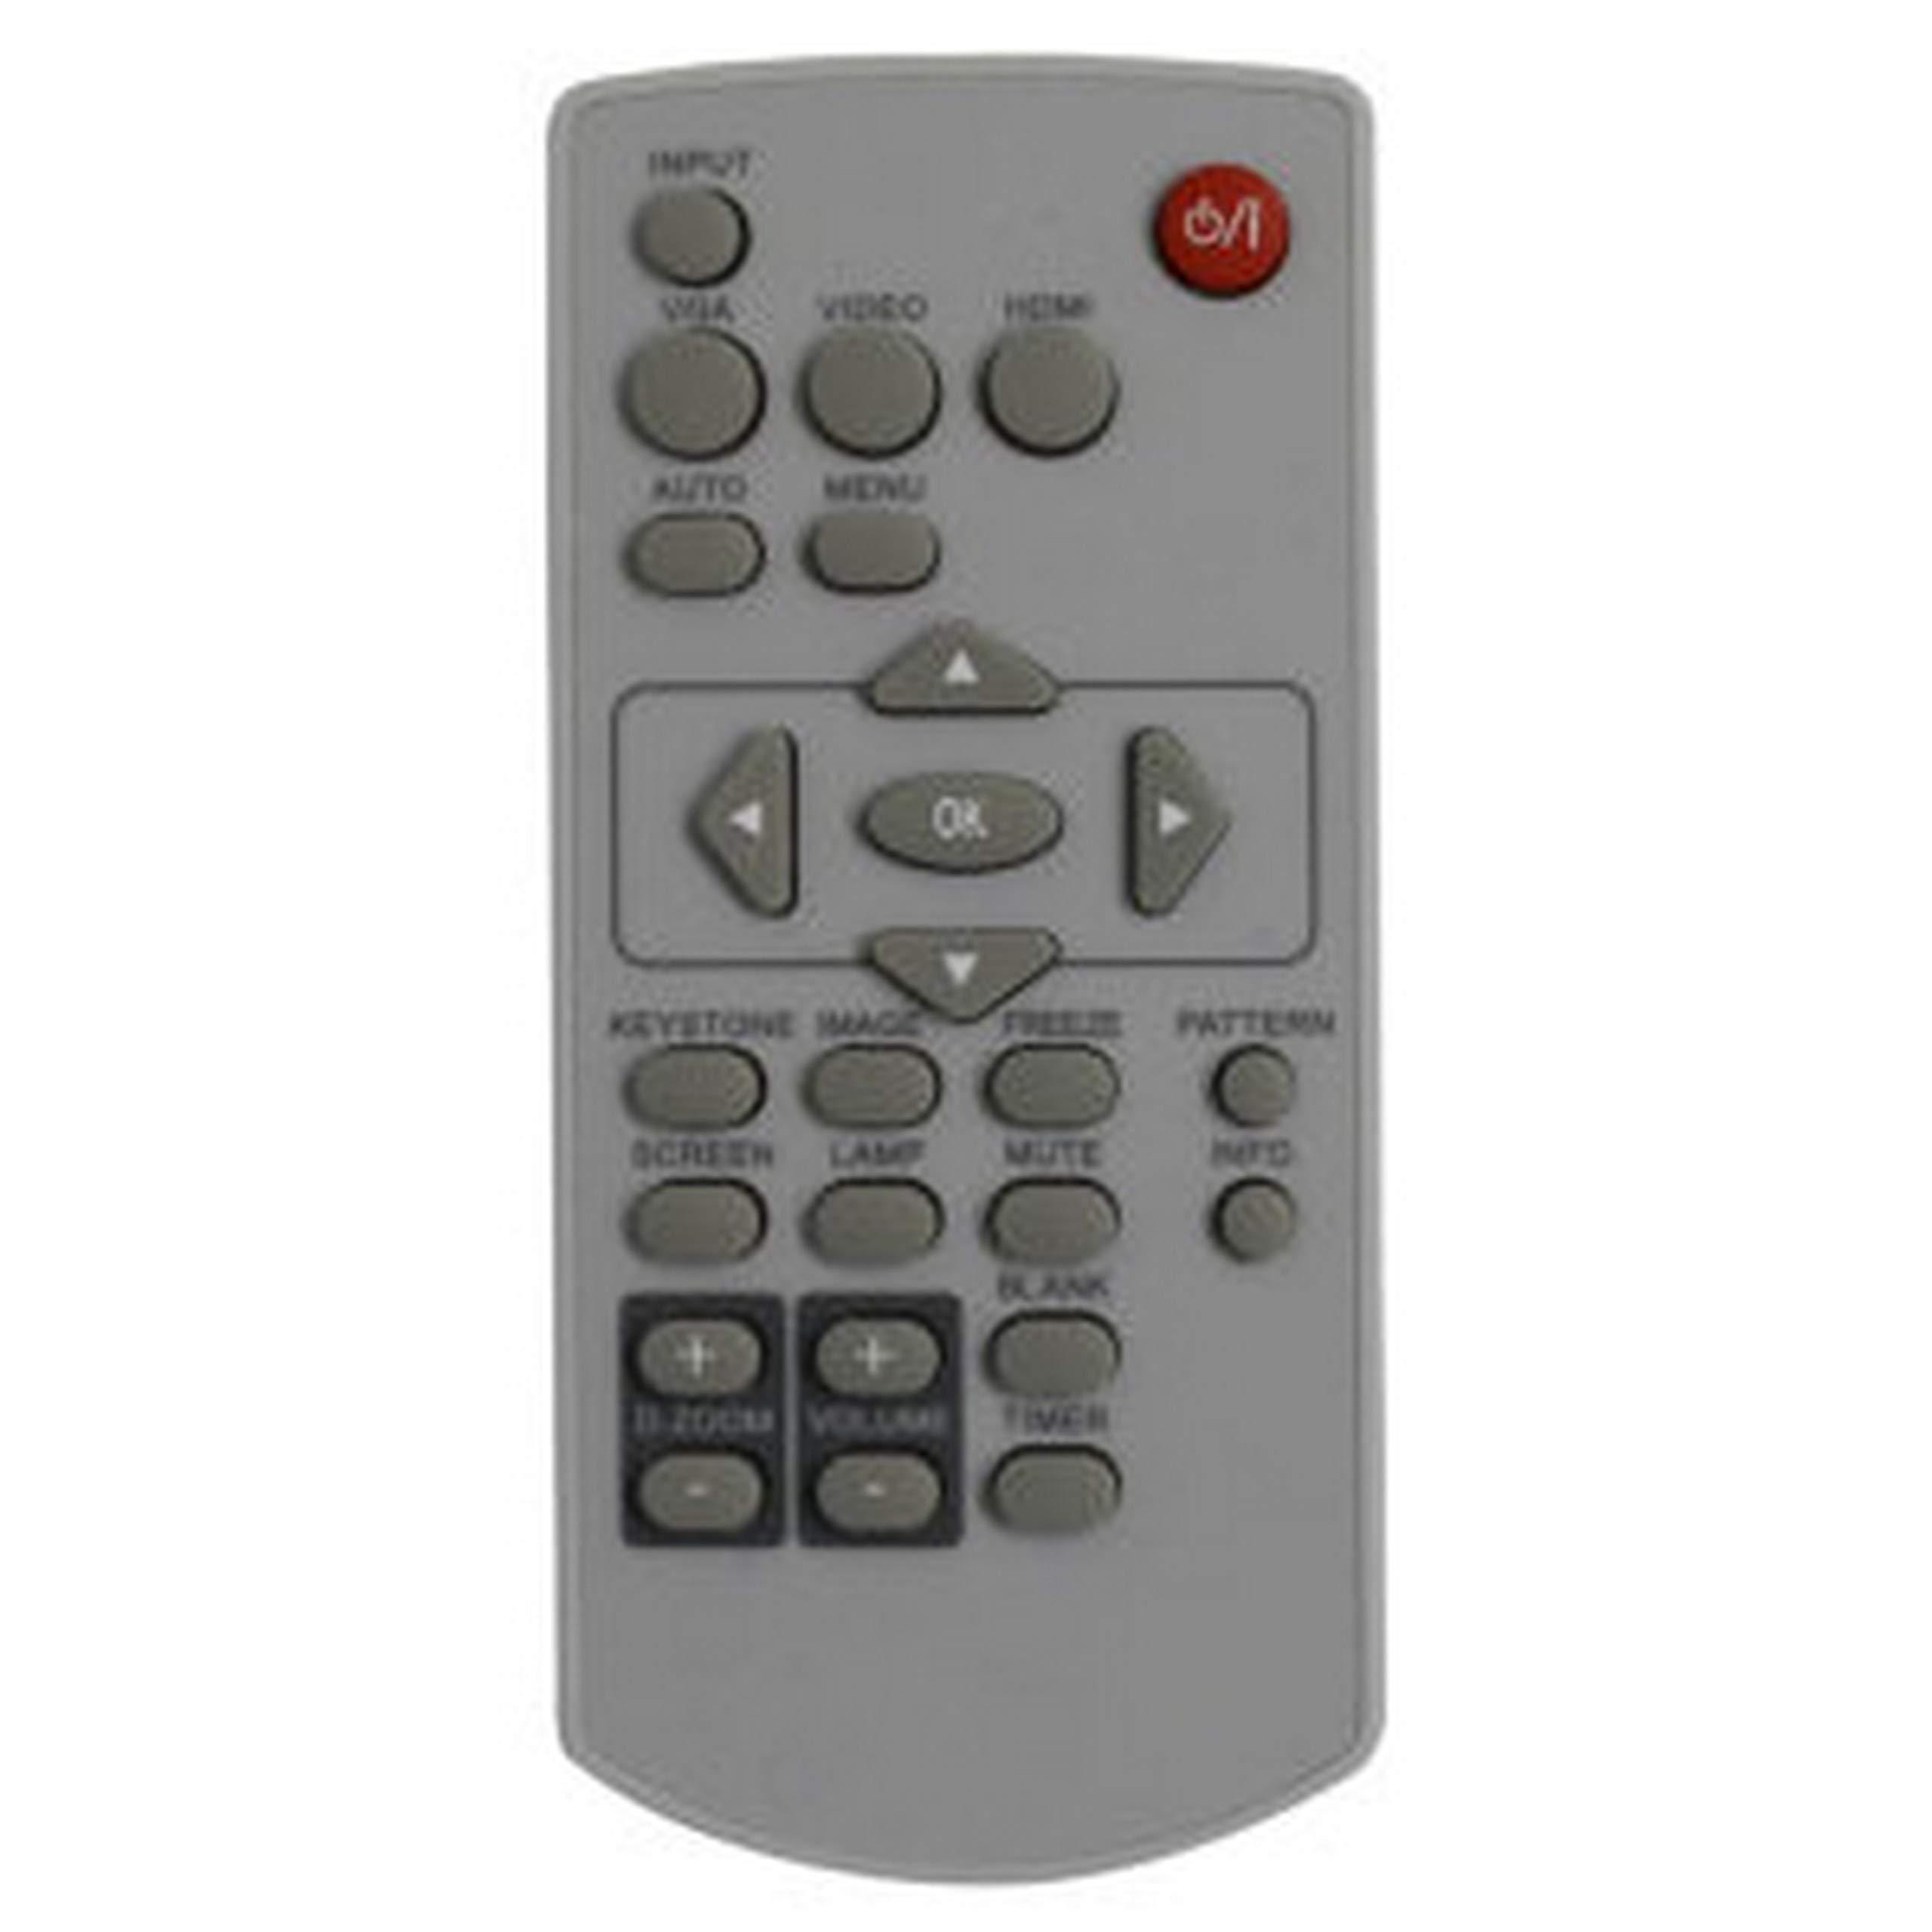 Eiki 63910016 Remote Control for EK-305U, EK-303U, EK-301W, EK-302X, EK-100W, EK-101X, EK-102X and EK-103X Video Projectors by Eiki